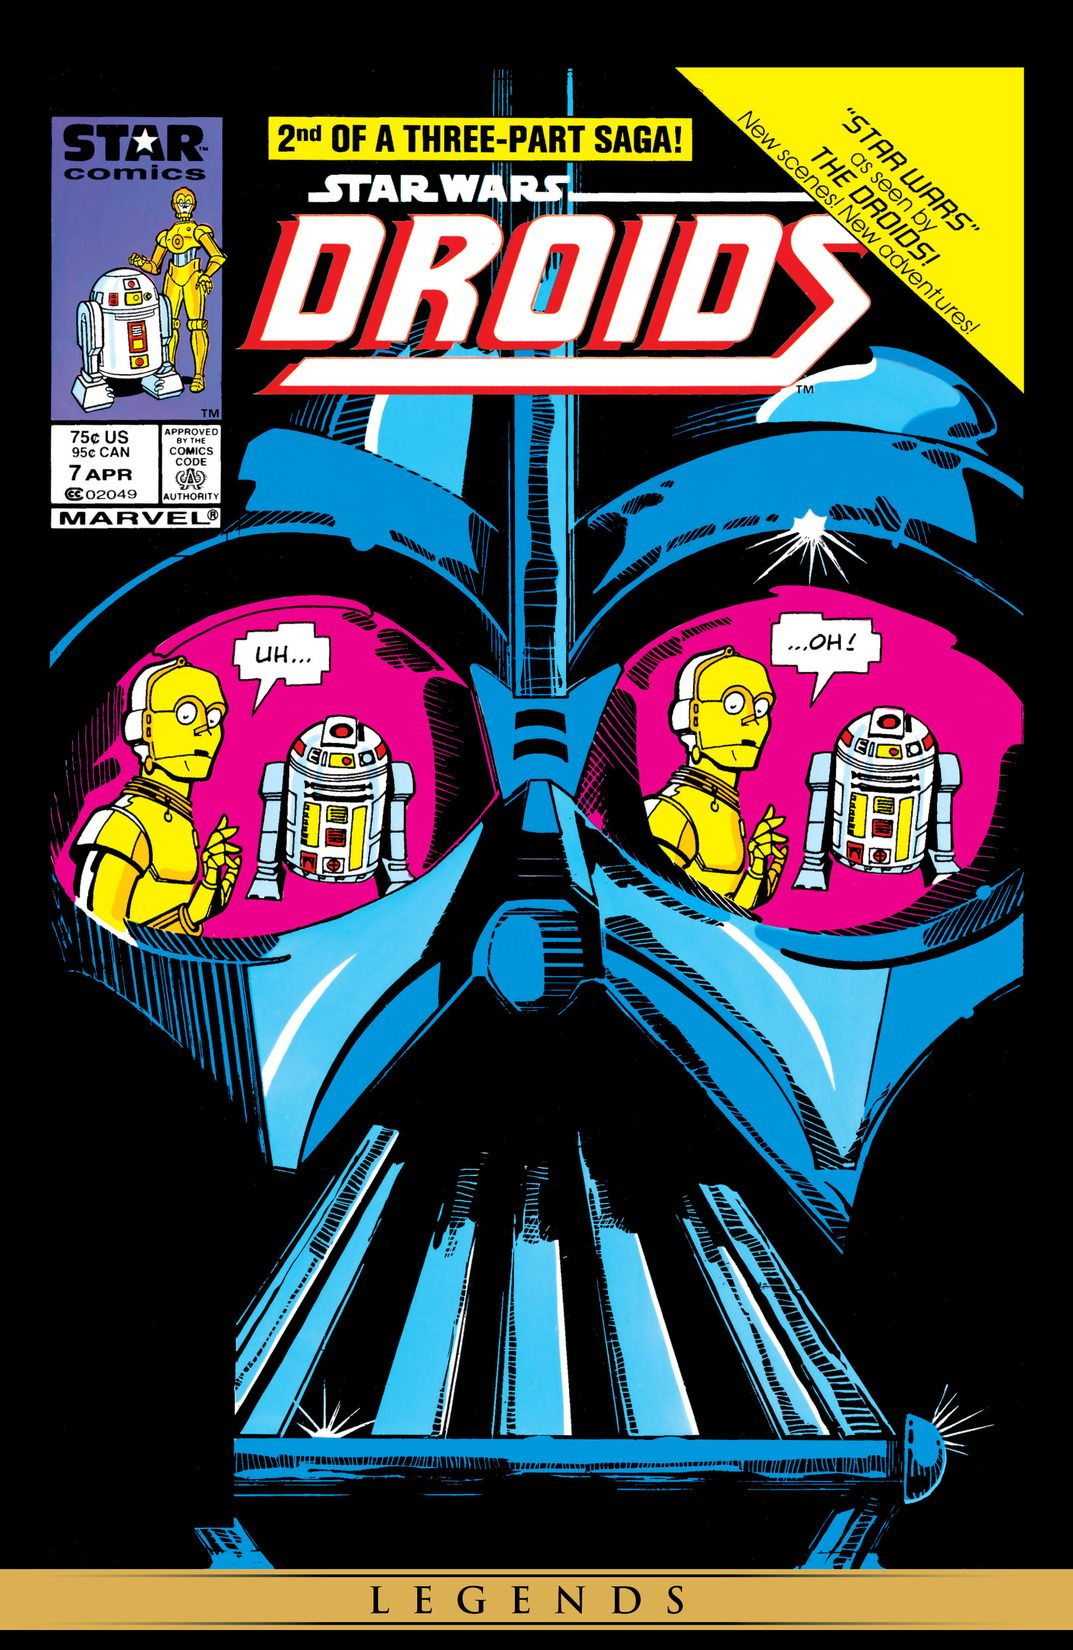 Star Wars: Droids (1986) #7